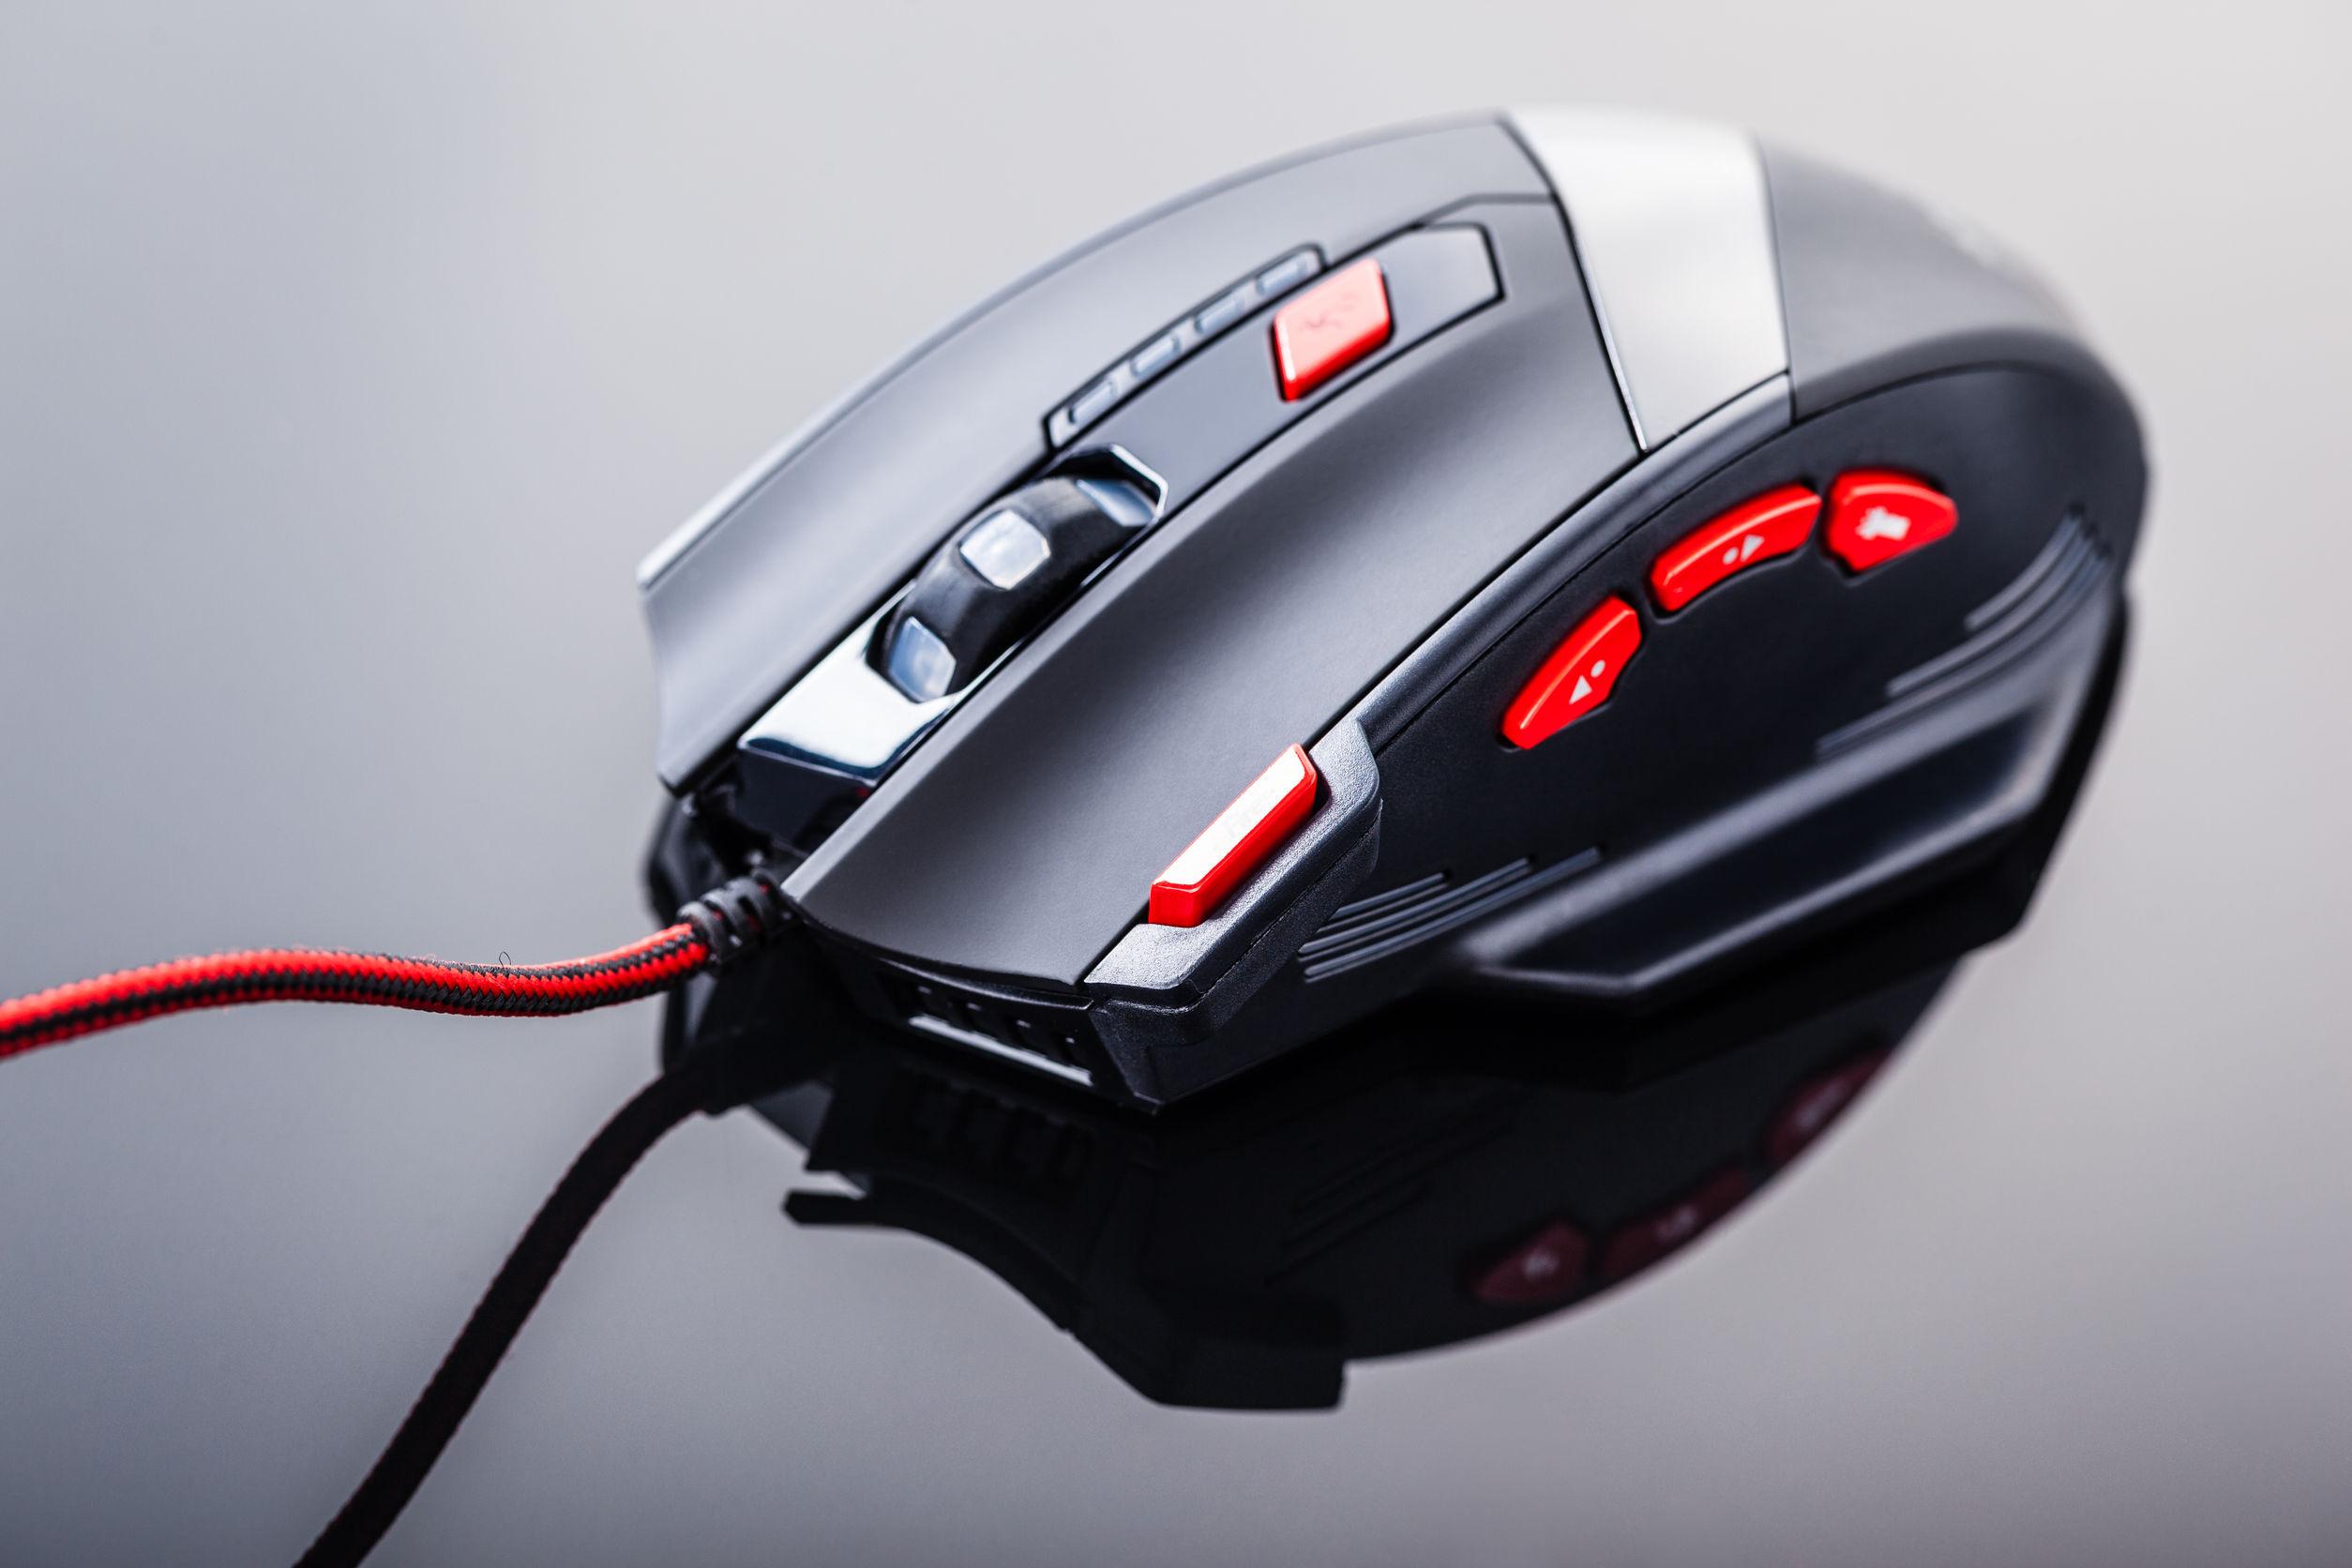 Gaming muis: Wat zijn de beste gaming muizen van 2020?